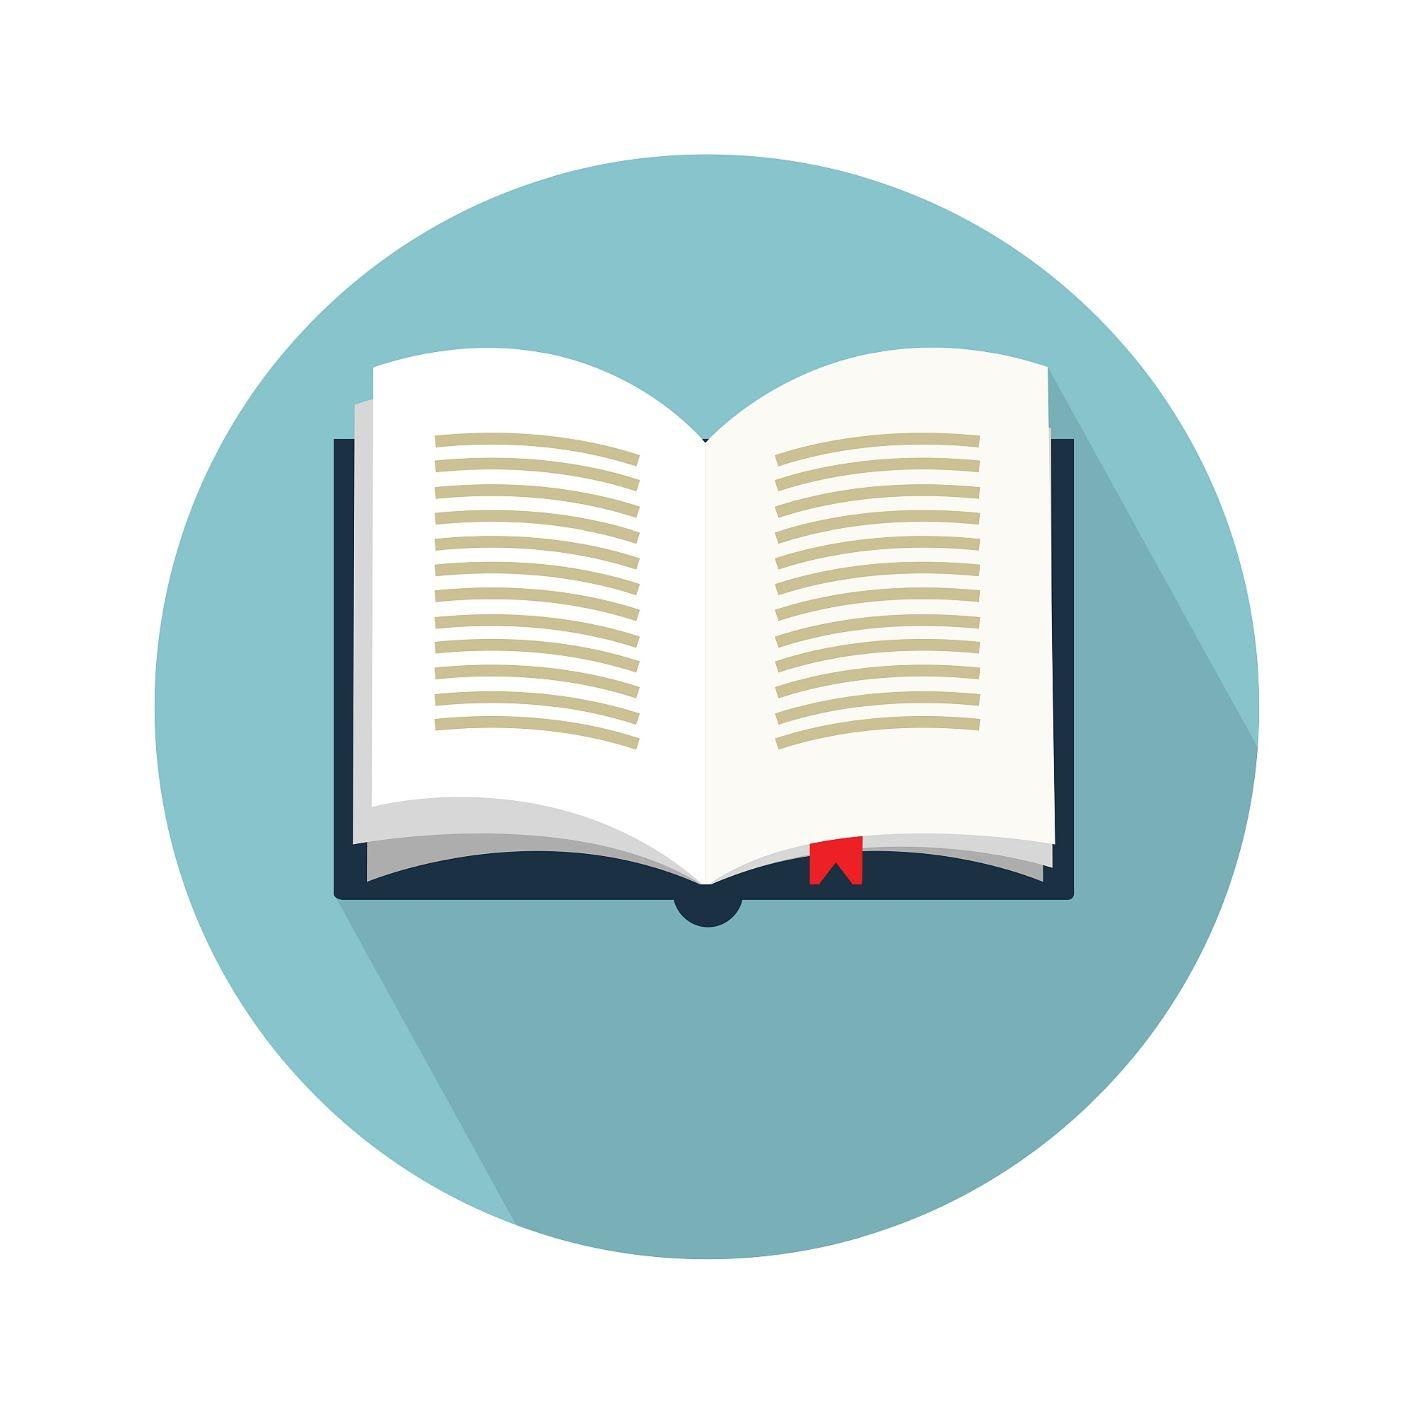 Ćwiczenia usprawniające czytanie i pisanie